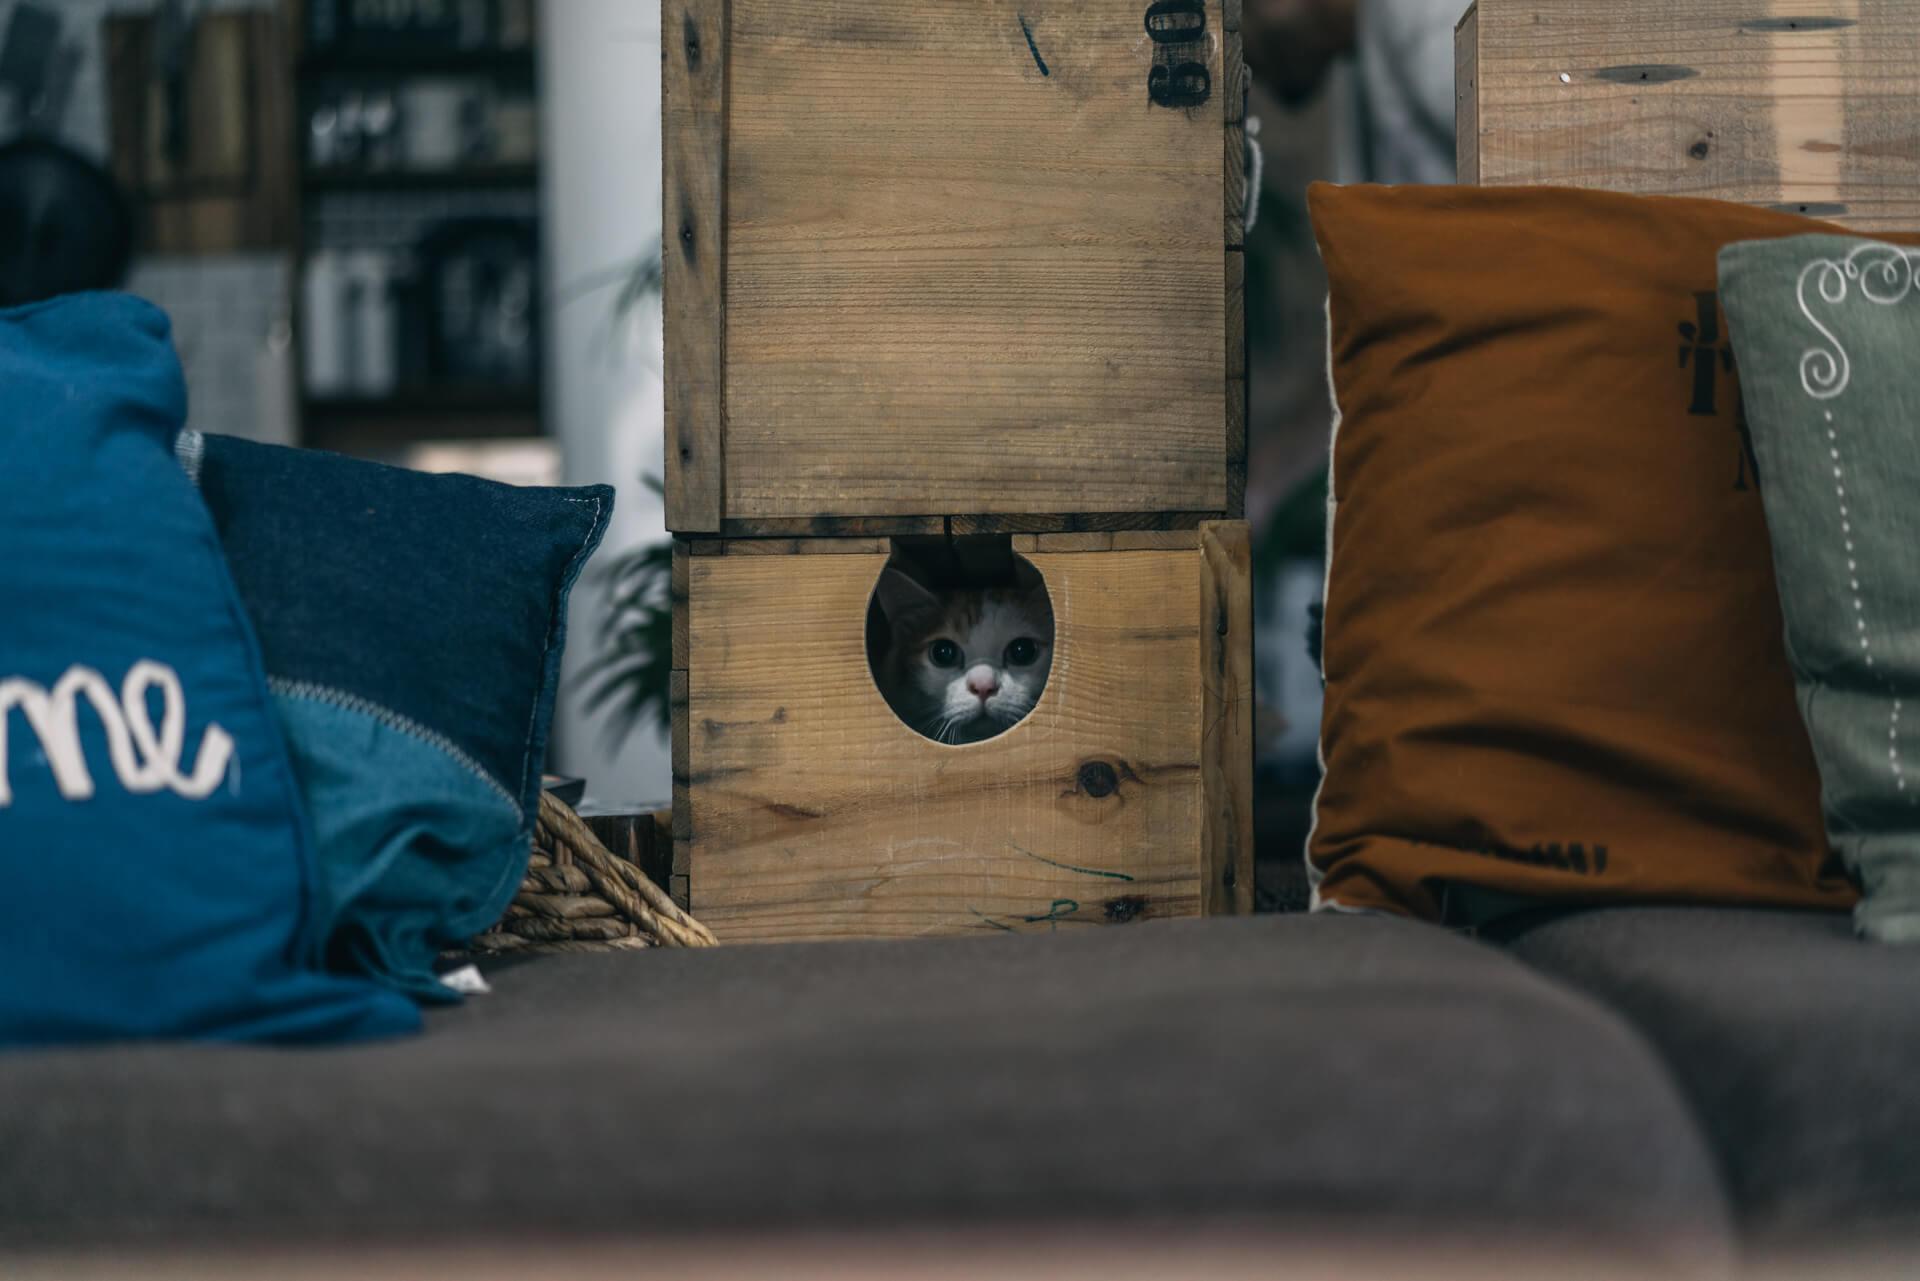 振り返ると、りんご箱にあけられた穴からもう1匹、三毛猫のdaoさんが見つめます。